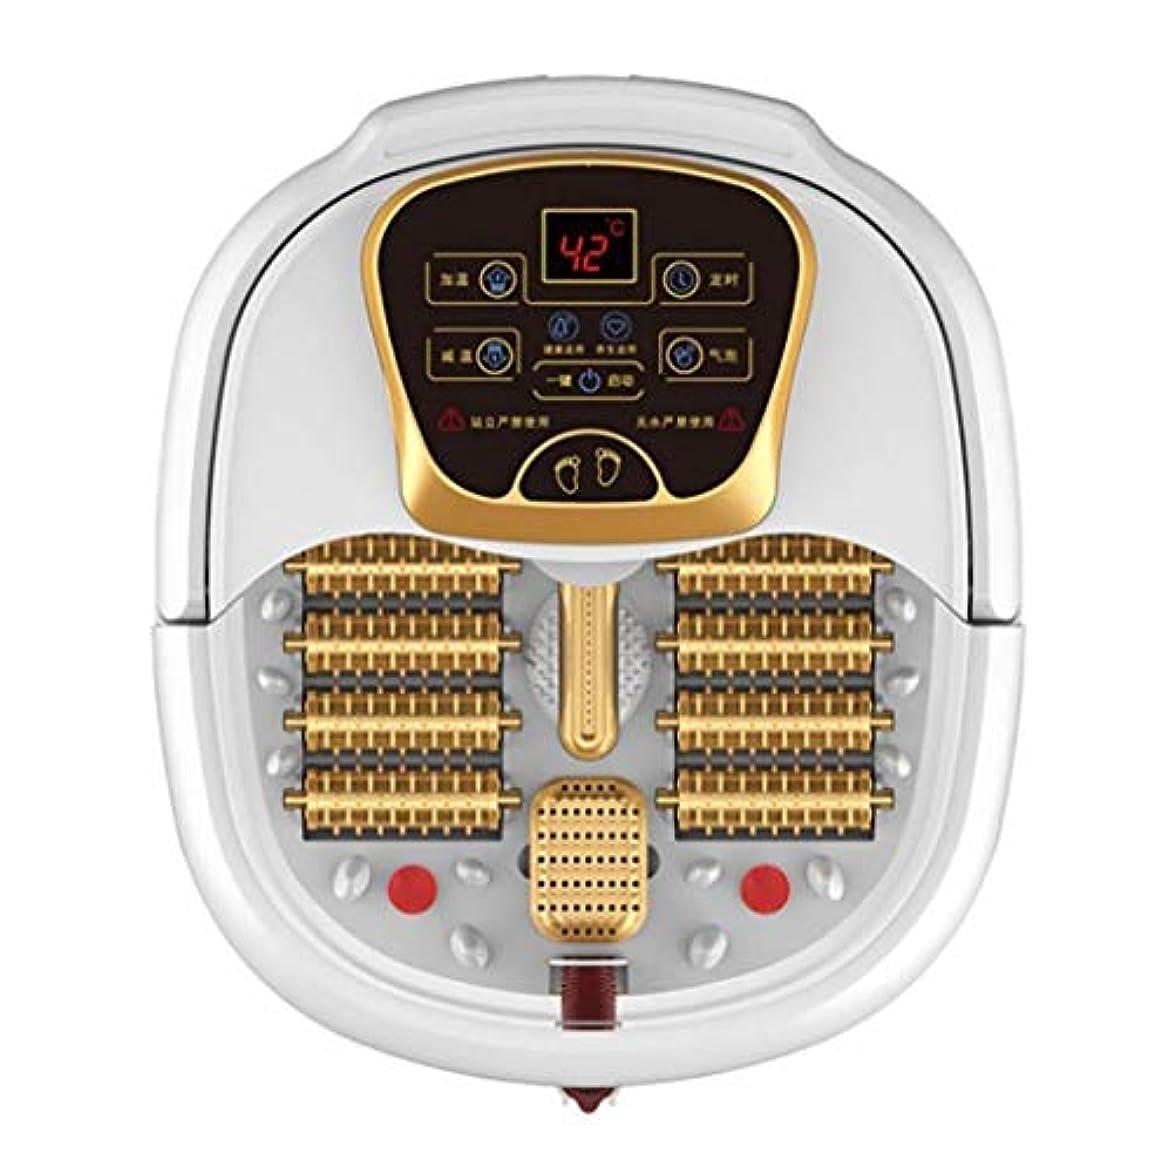 優しさ必要条件見つける電動フットマッサージ、フットバスバレル、ローラーペディキュアマッサージ、暖房/水泡フットマッサージ、温度制御、ストレス/痛みの緩和、血液循環/睡眠の促進、ホームオフィスでの使用 (Color : B, Size : Manual)